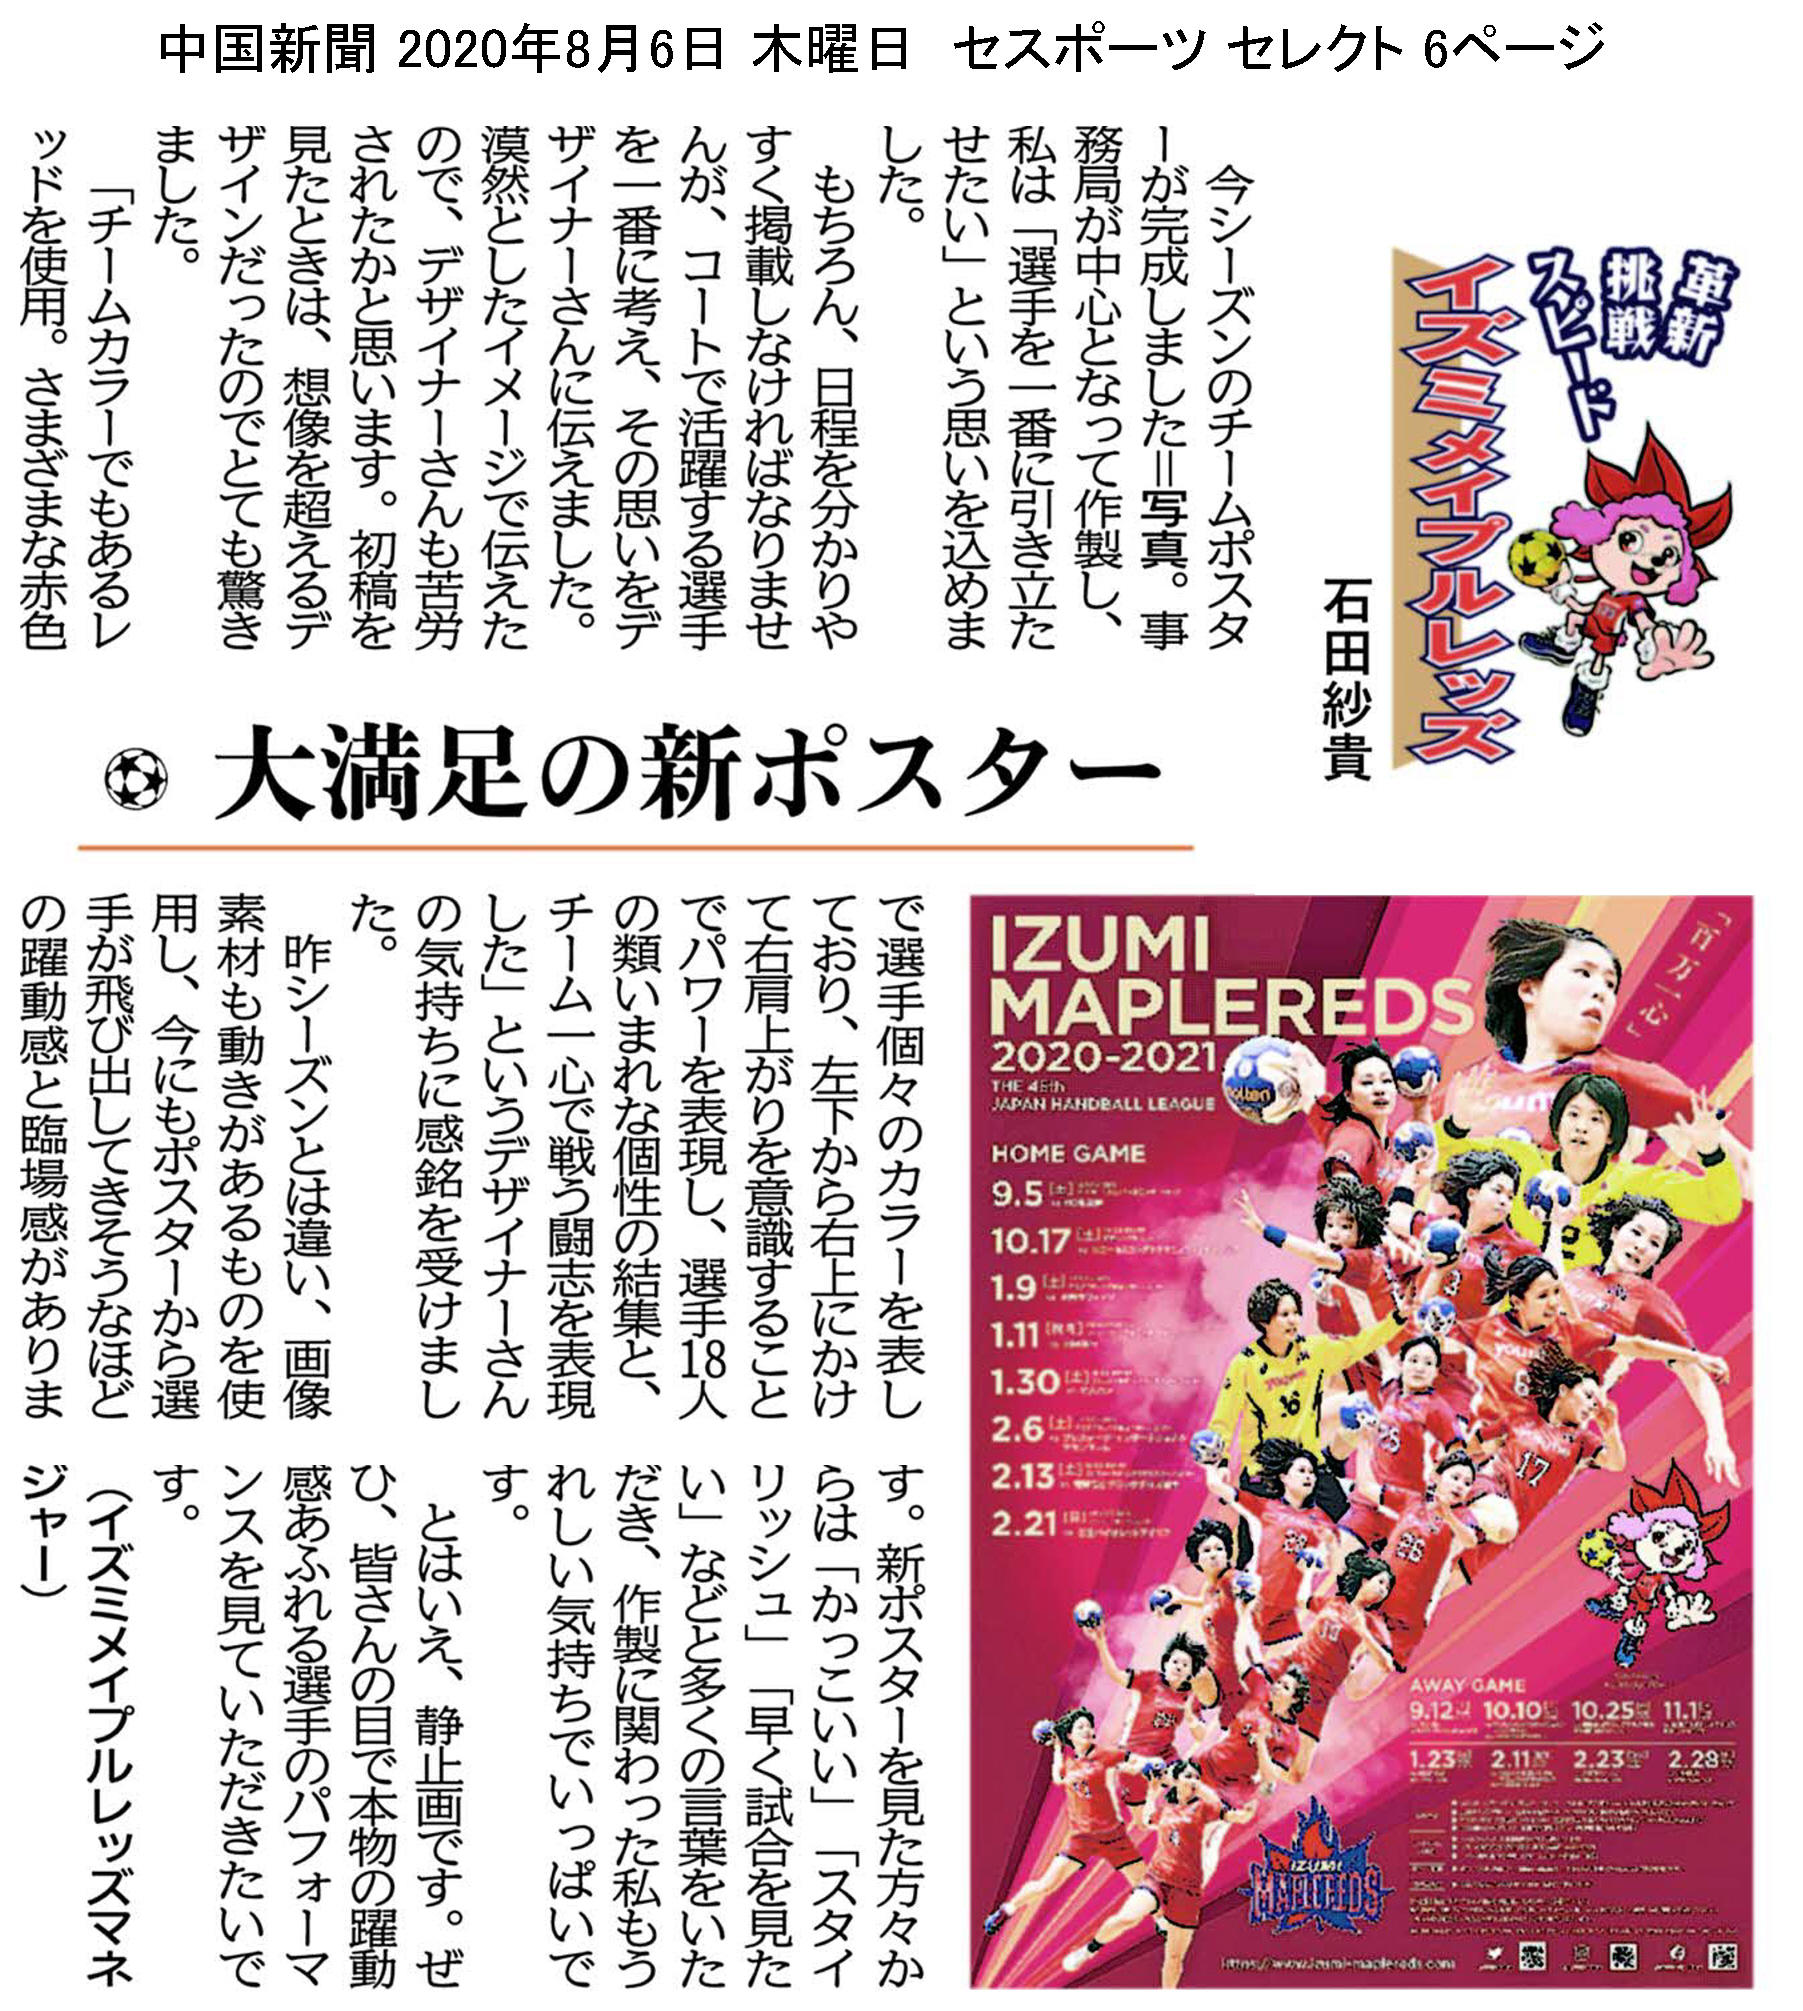 中国新聞セレクト版 イズミメイプルレッズコラム 2020年8月掲載分 イメージ